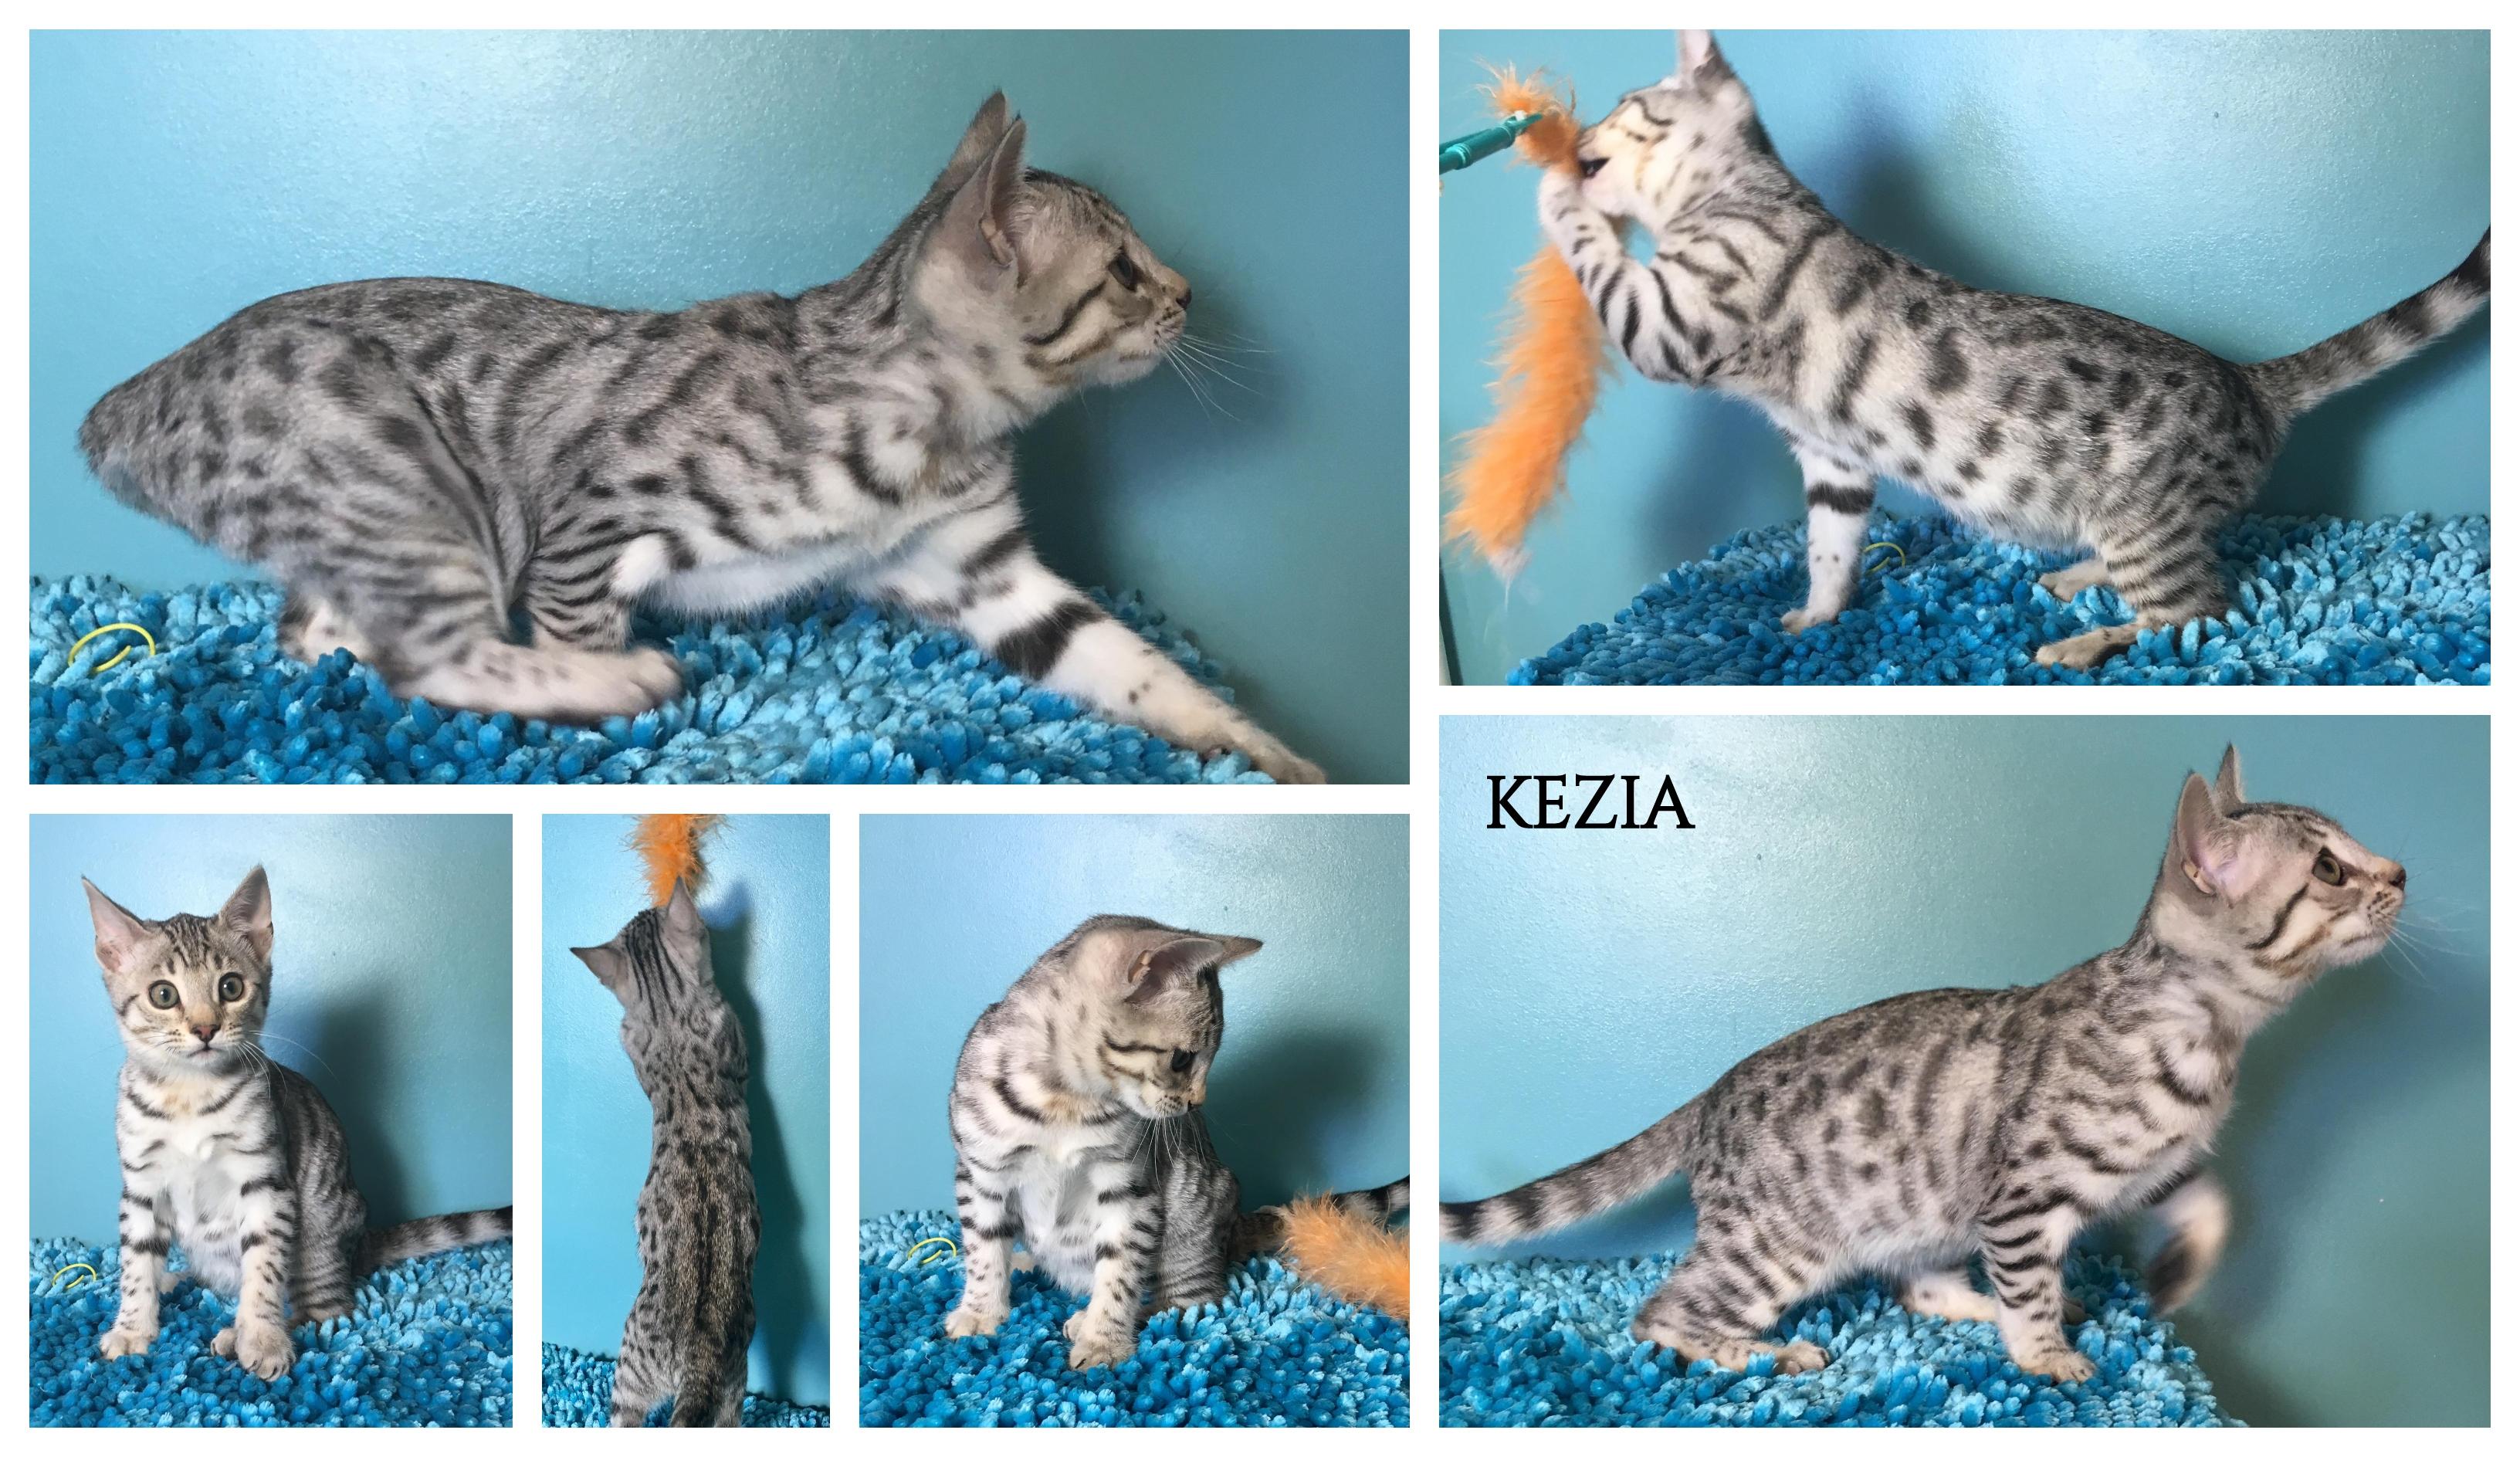 Kezia 12 weeks